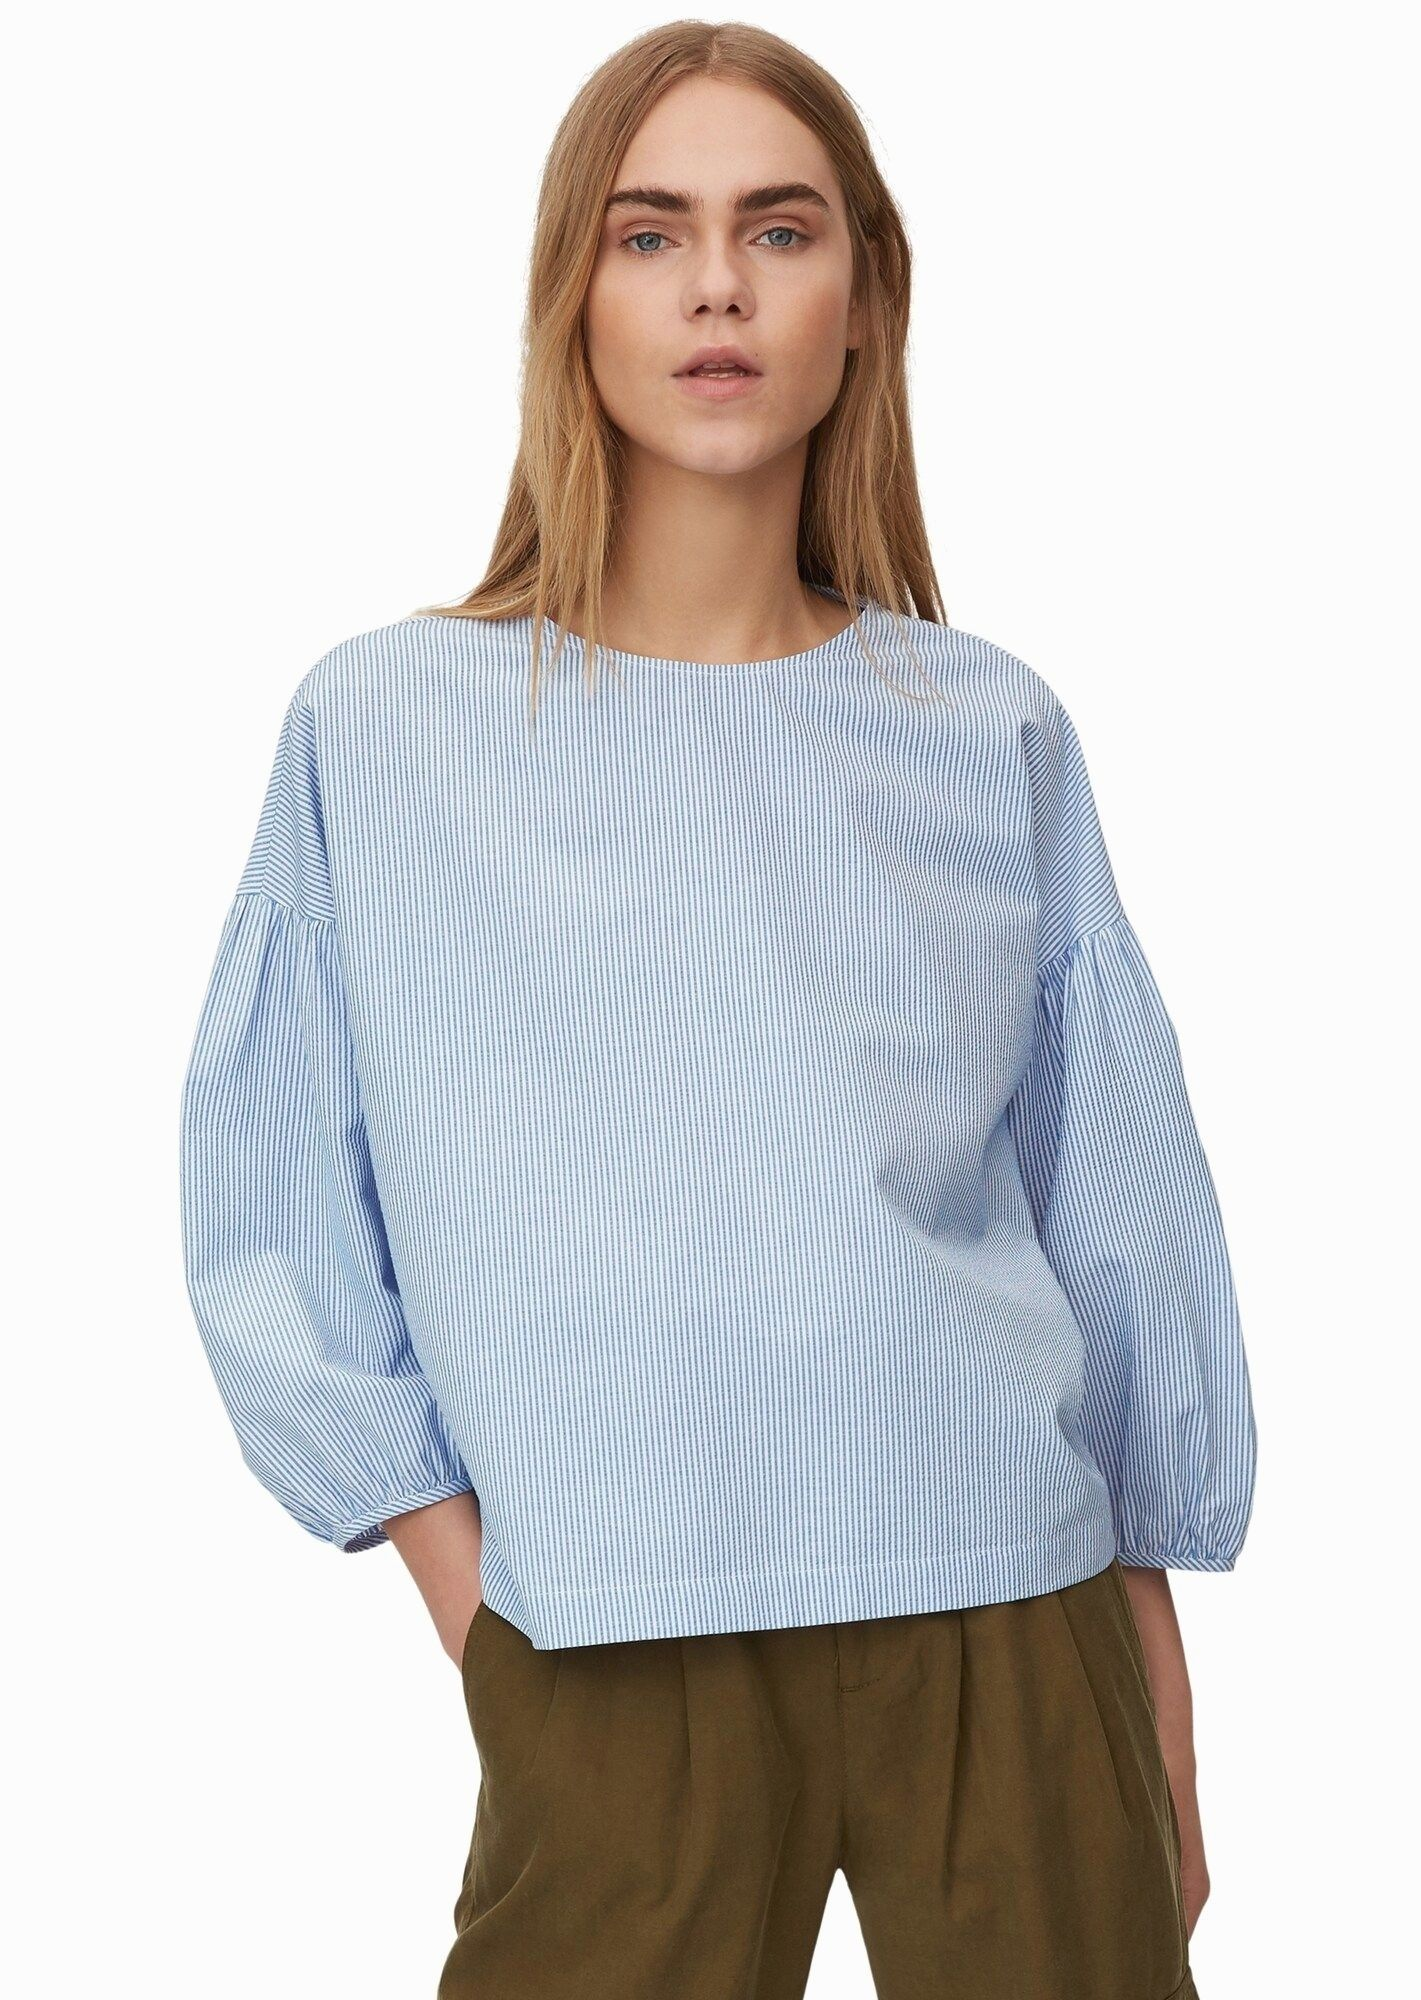 Marc O Polo Denim Bluse Damen Llblau Osse M In 2020 Fashion Denim Polo